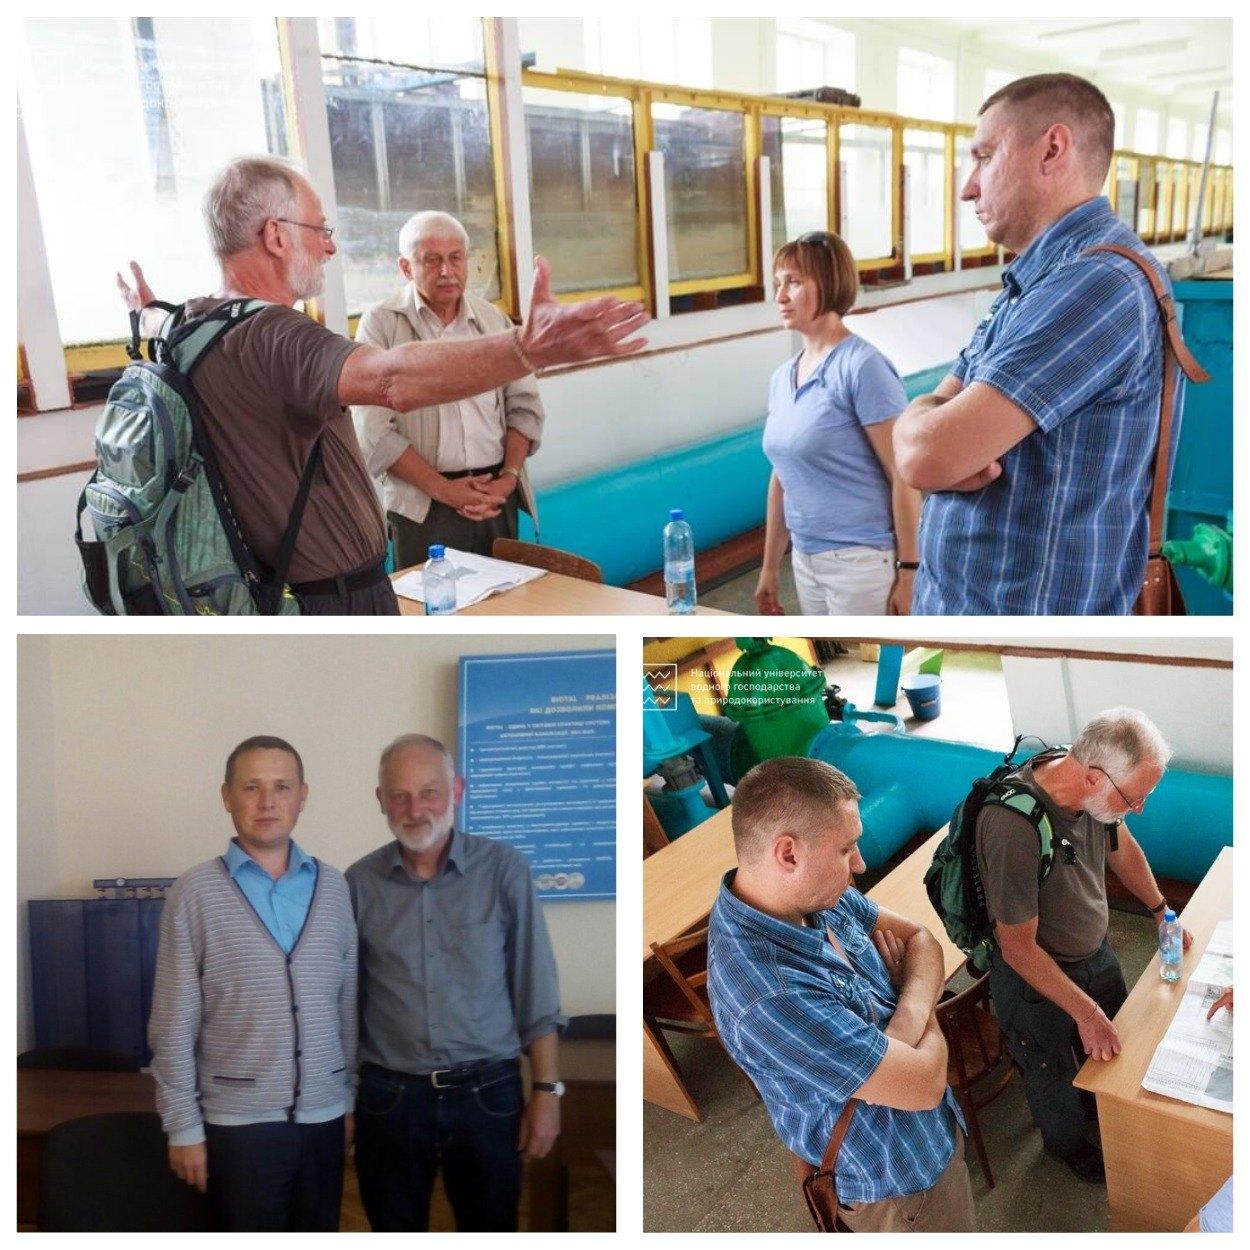 Гість з Німеччини відвідів лабораторію BIOTAL в НУВГП.